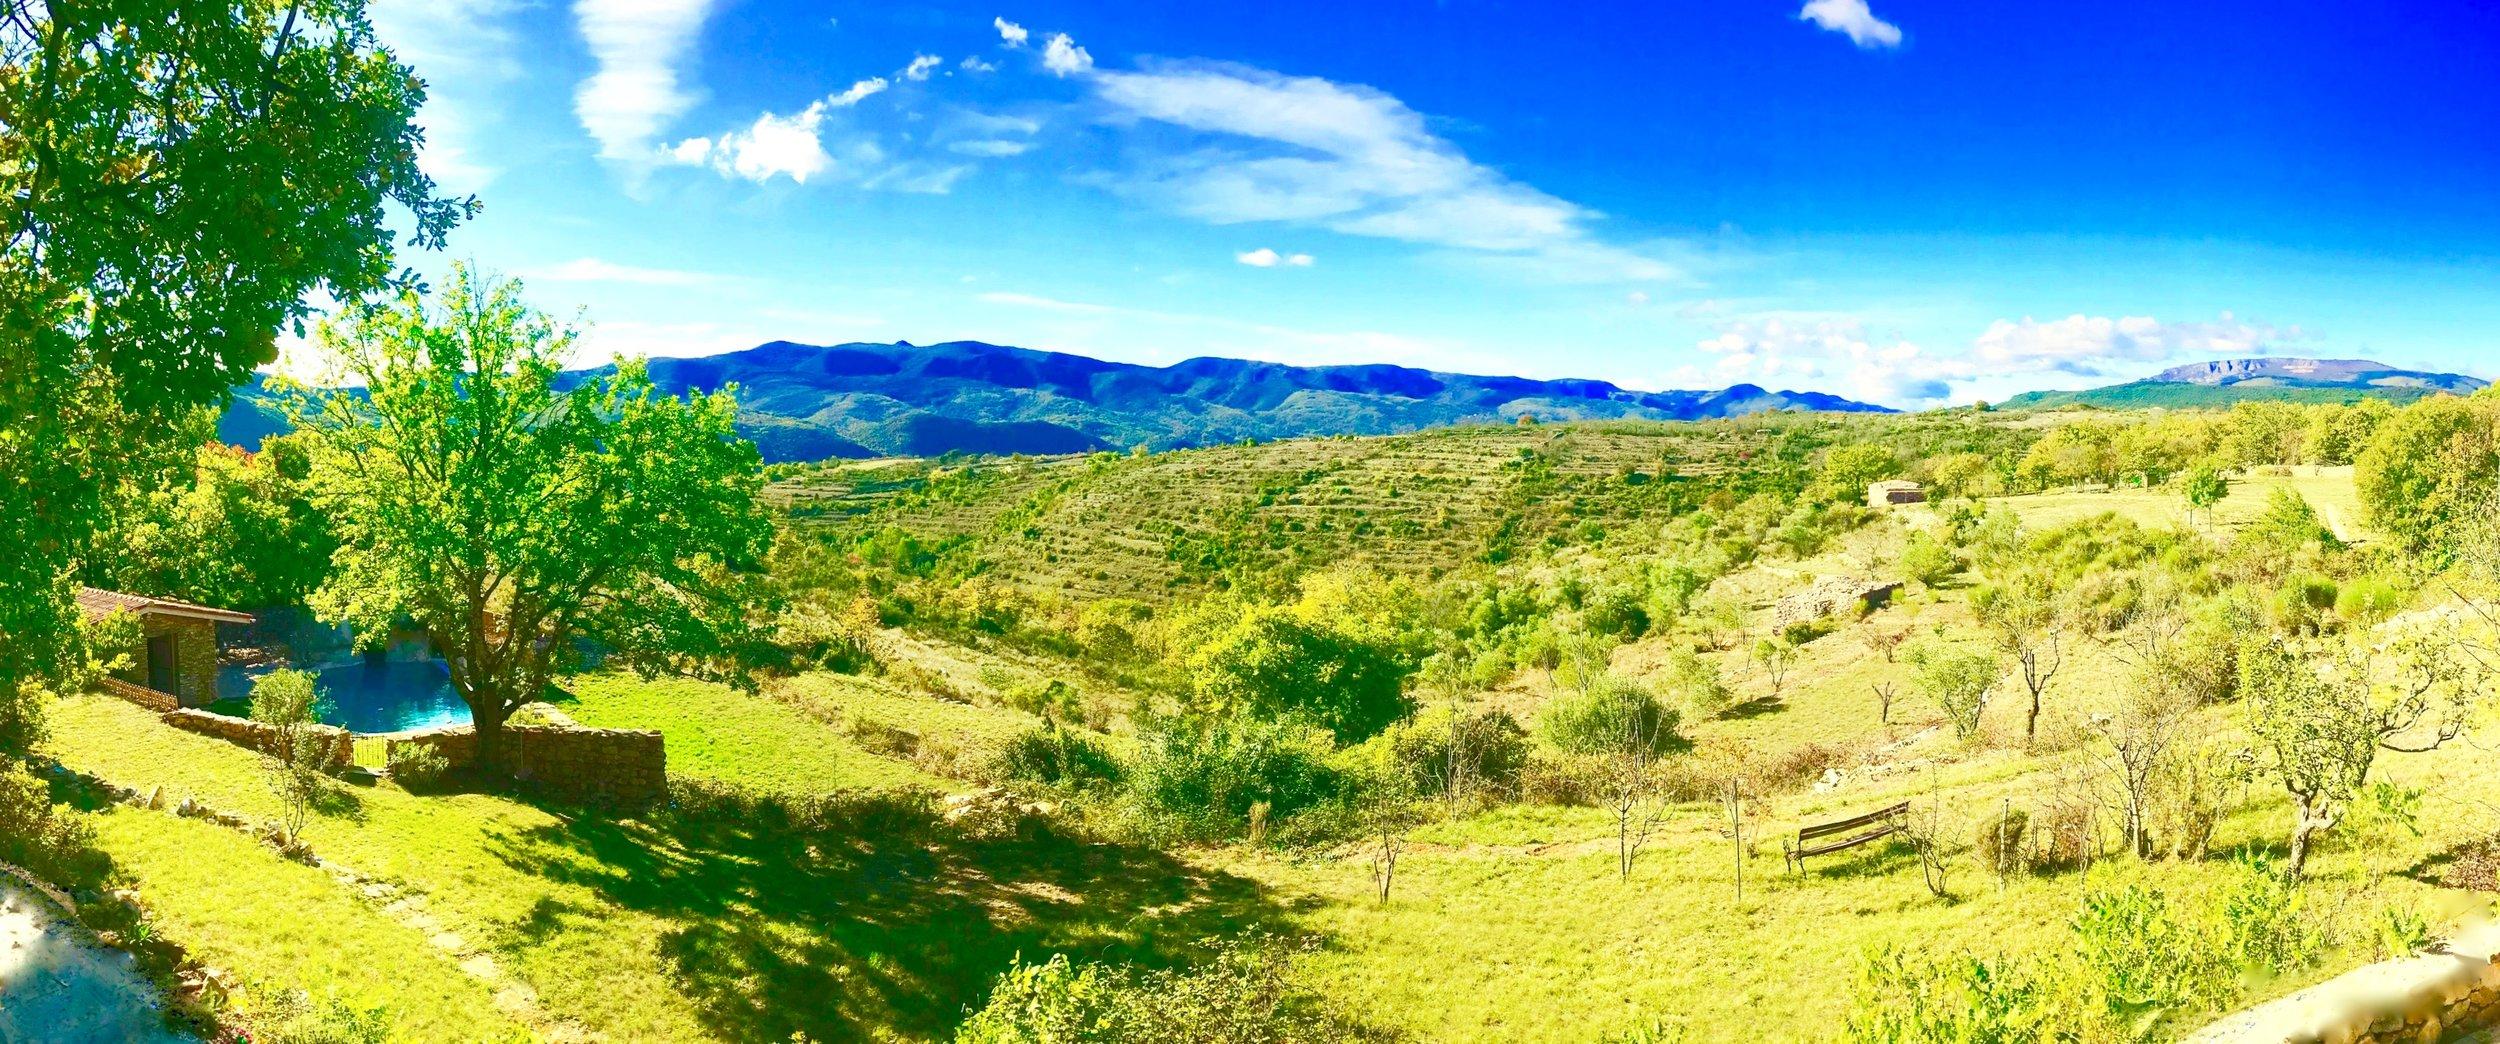 Chalet privé situé dans les montagnes du sud de la France